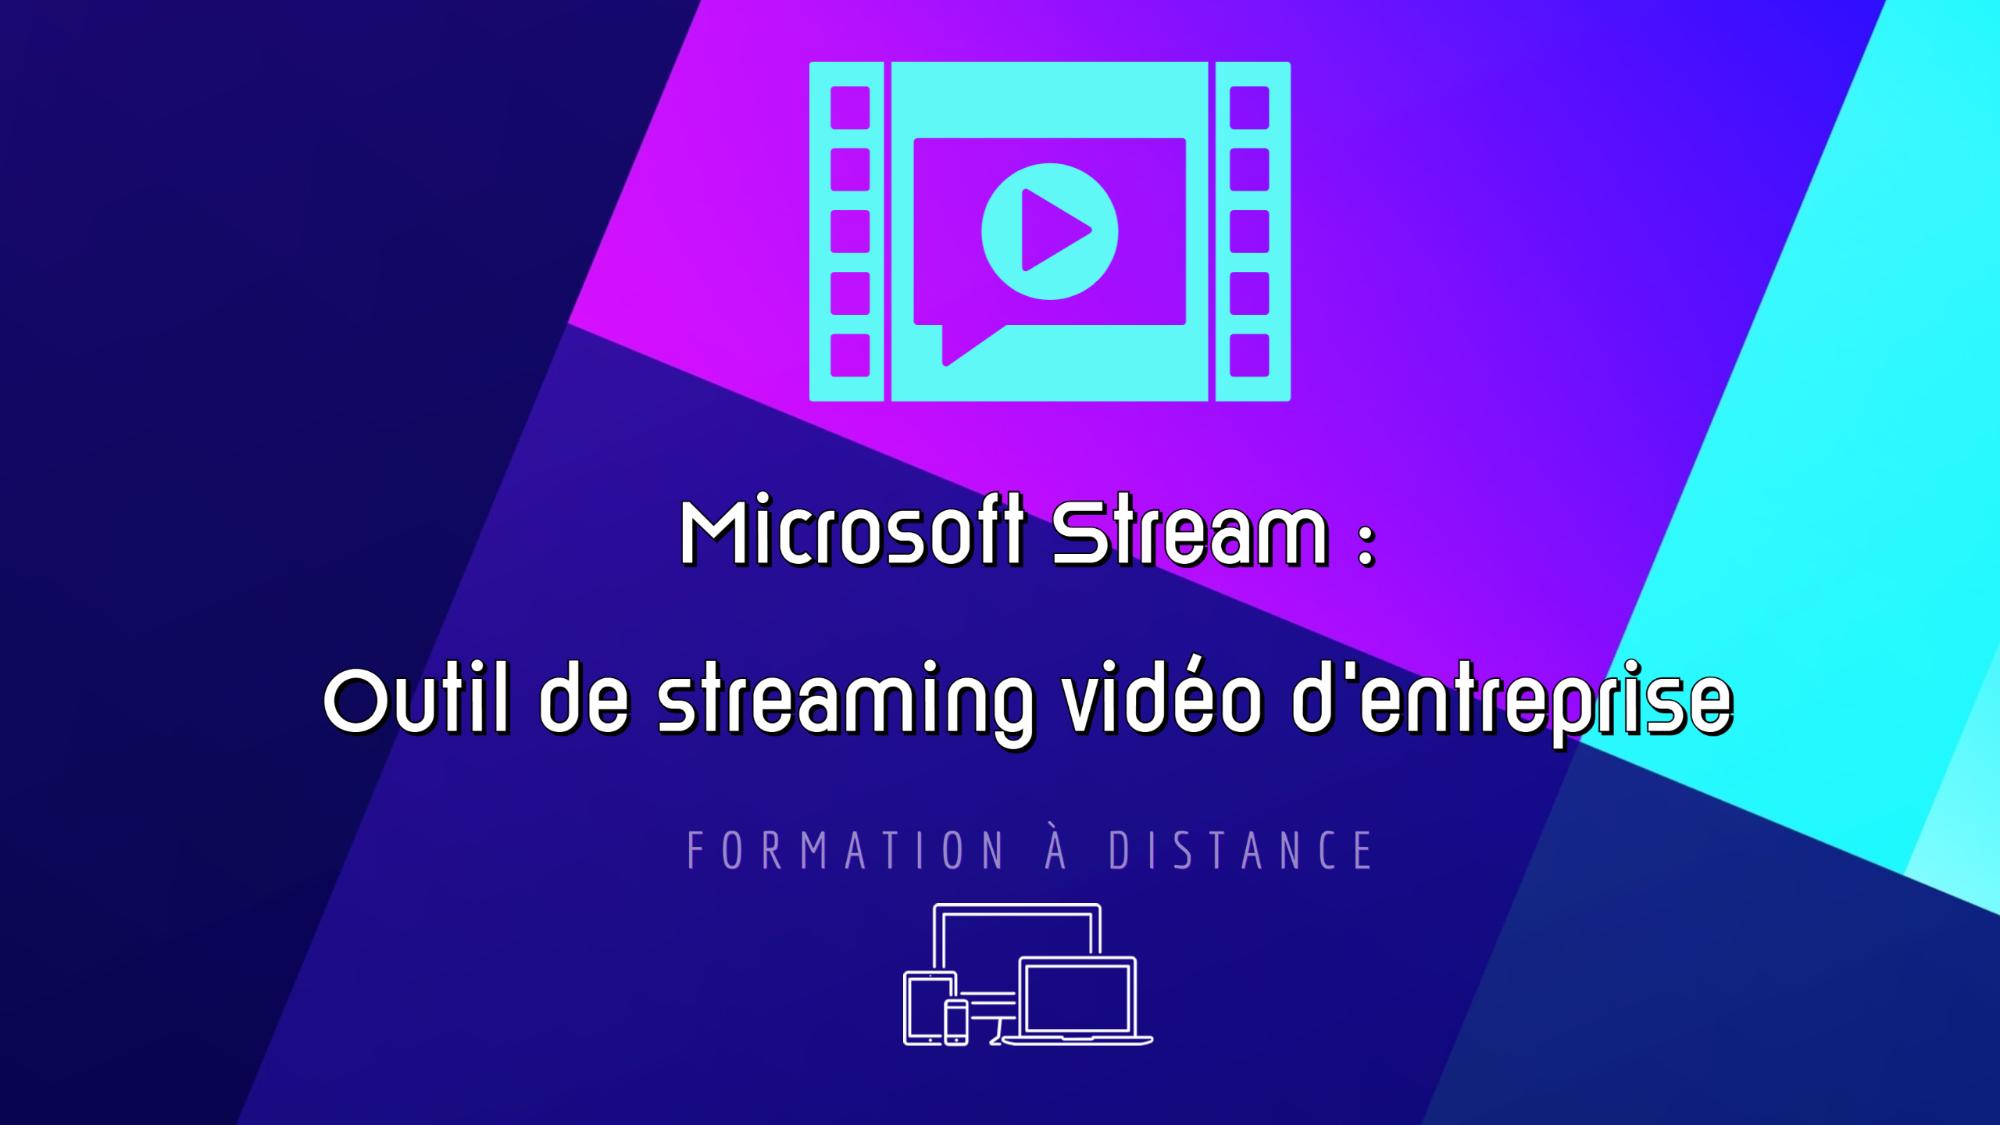 Représentation de la formation : Microsoft Stream : Outil de streaming vidéo d'entreprise